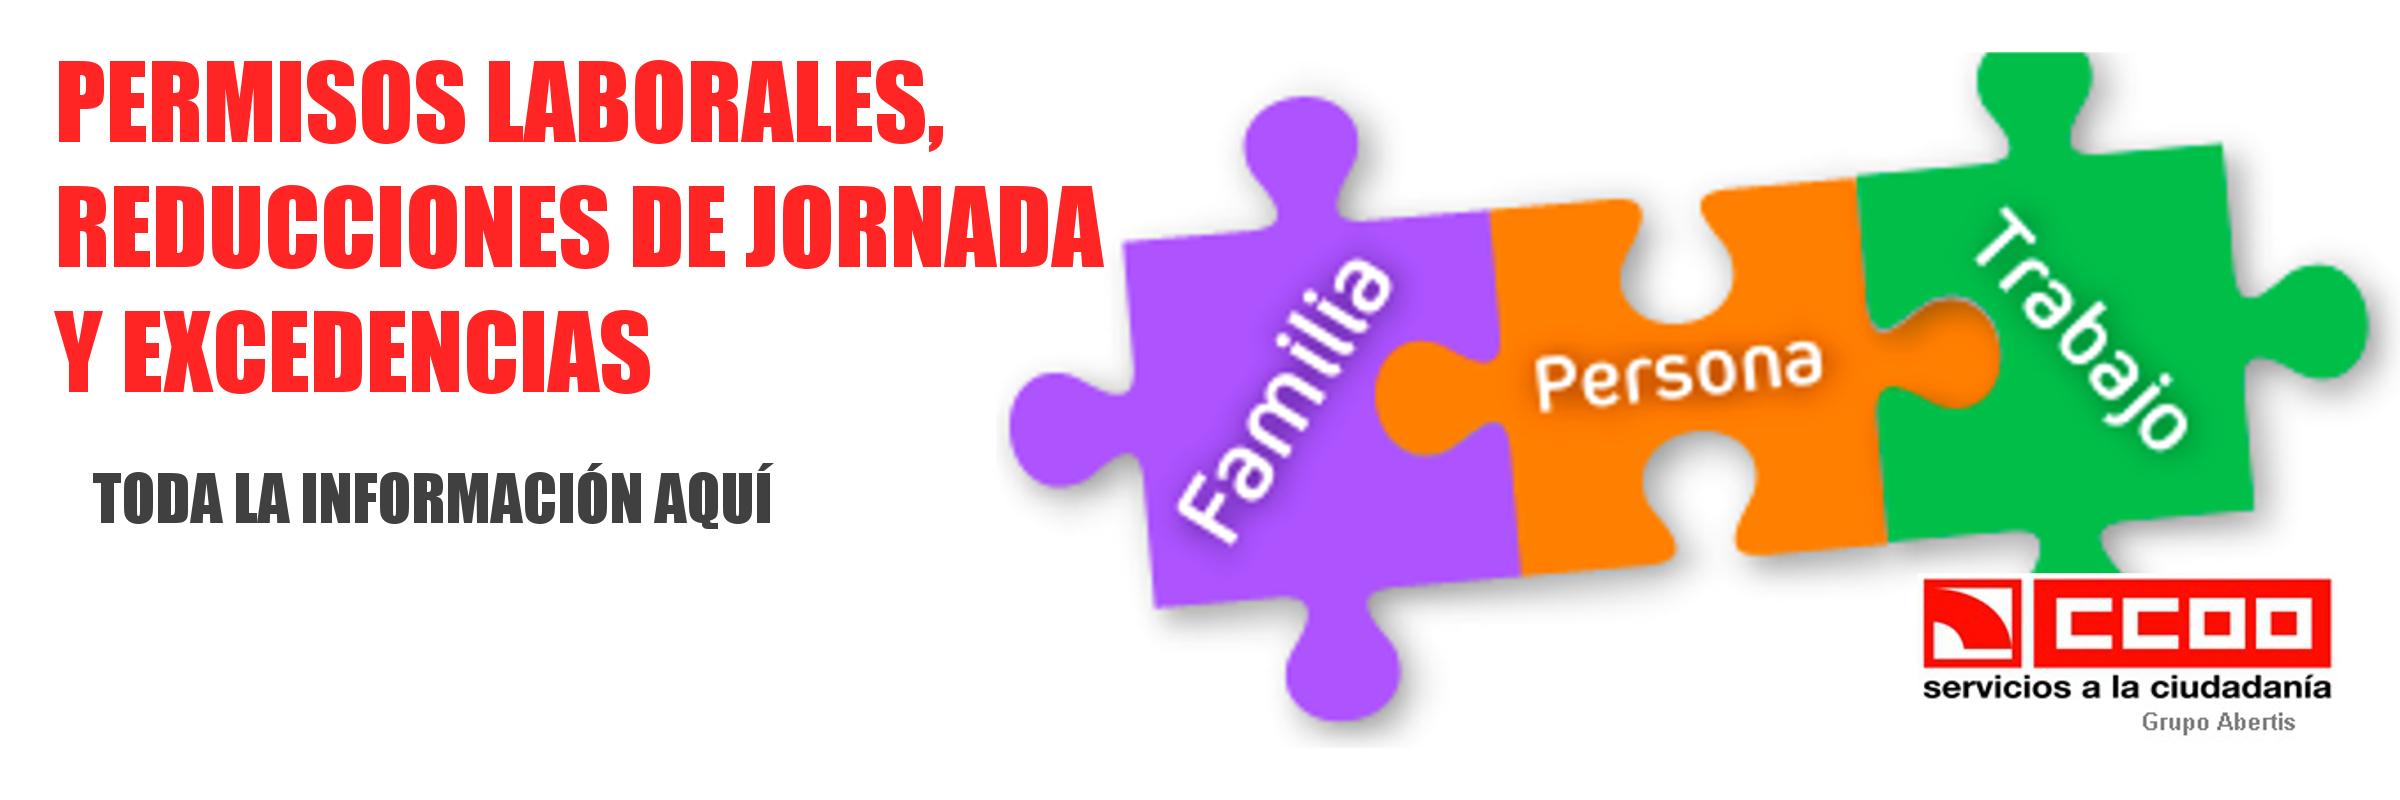 PERMISOS LABORALES, REDUCCIONES Y EXCEDENCIAS